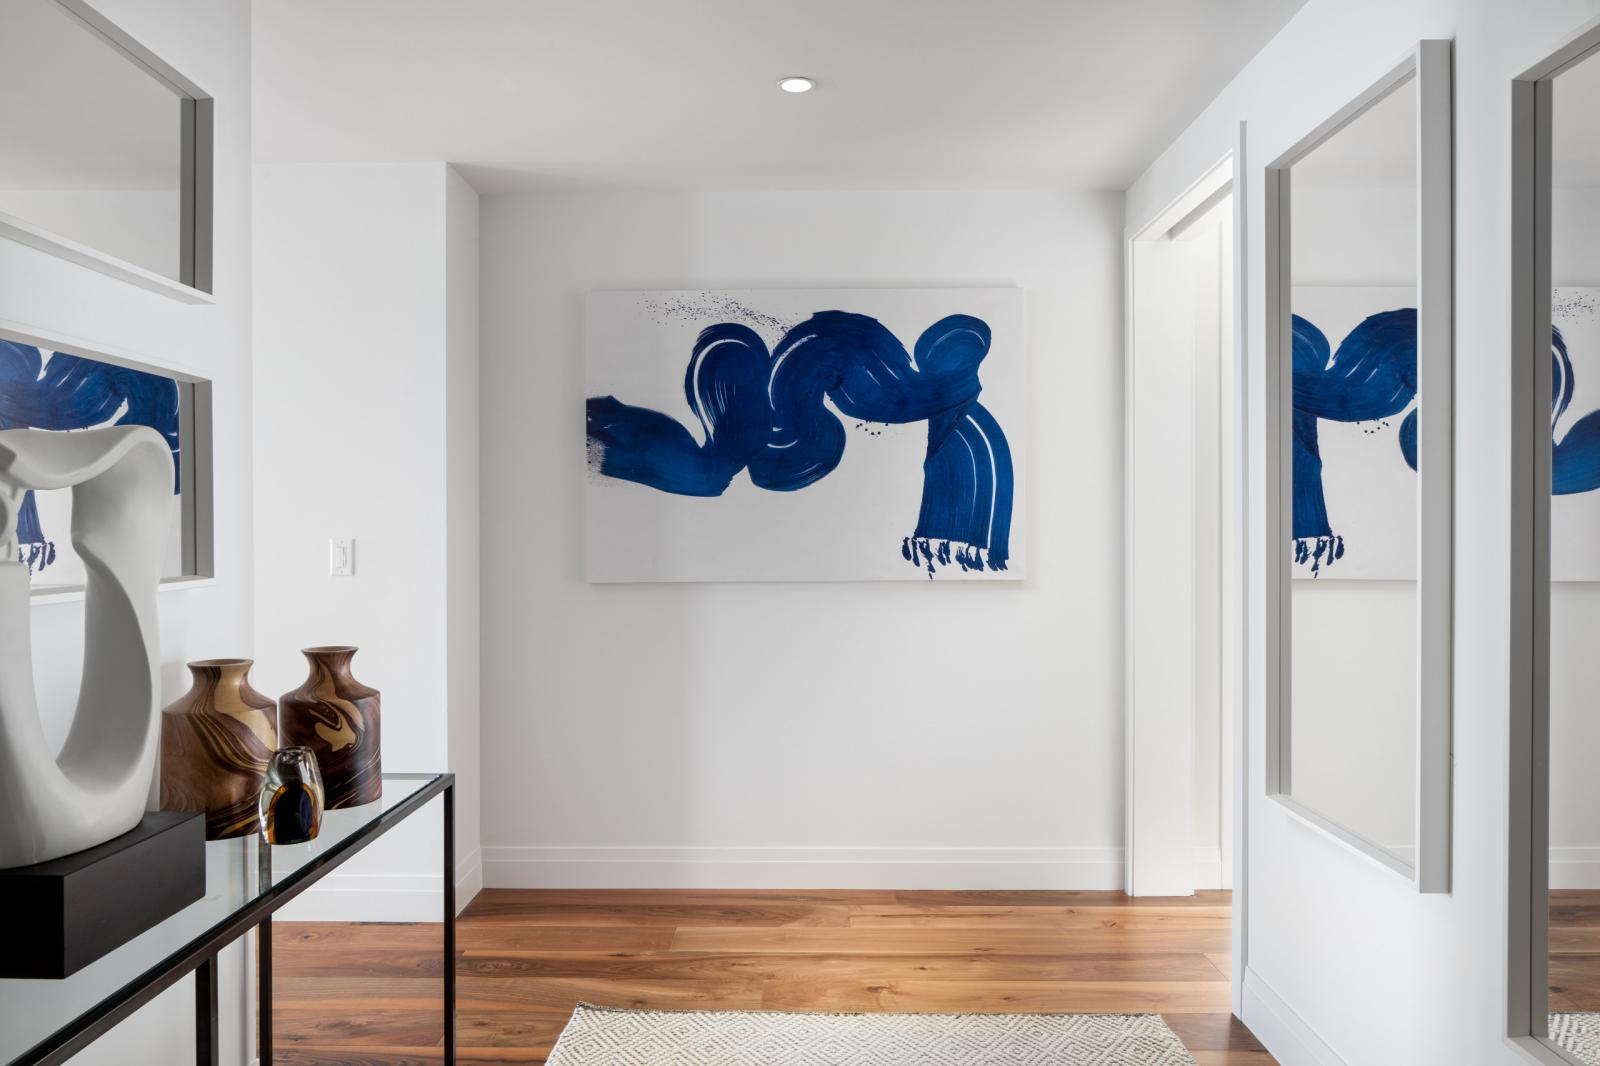 bức tranh trừu tượng màu xanh trên tường